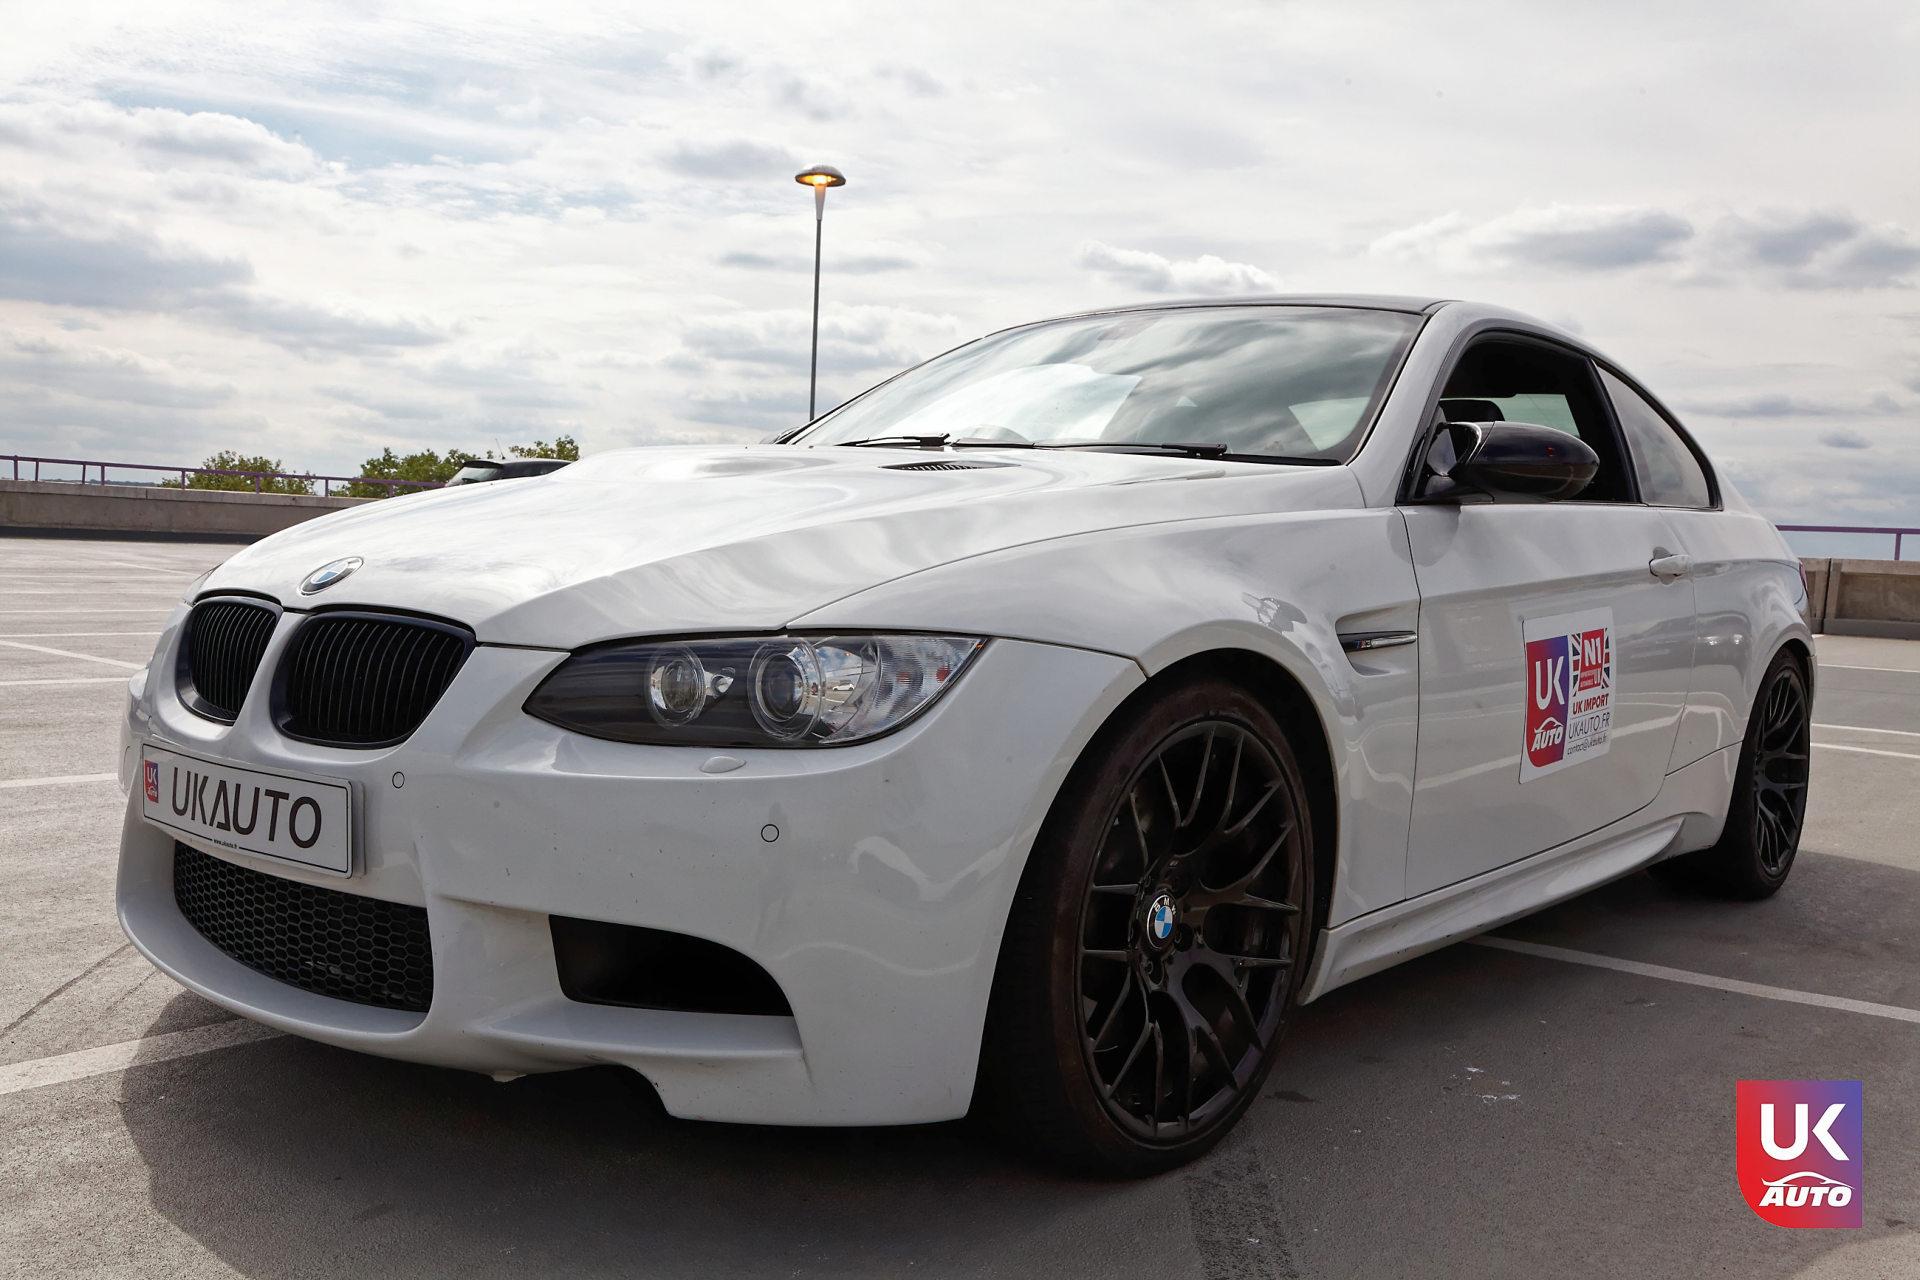 bmw m3 e92 v8 pack competition importateur bmw uk bmw angleterre m3 import uk ukauto mandataire6 DxO - IMPORTATION BMW M3 COMPETITION E92 V8 LEBONCOIN ANGLETERRE IMPORT UKAUTO FELICITATION A AUGUSTE CLIENT UKAUTO